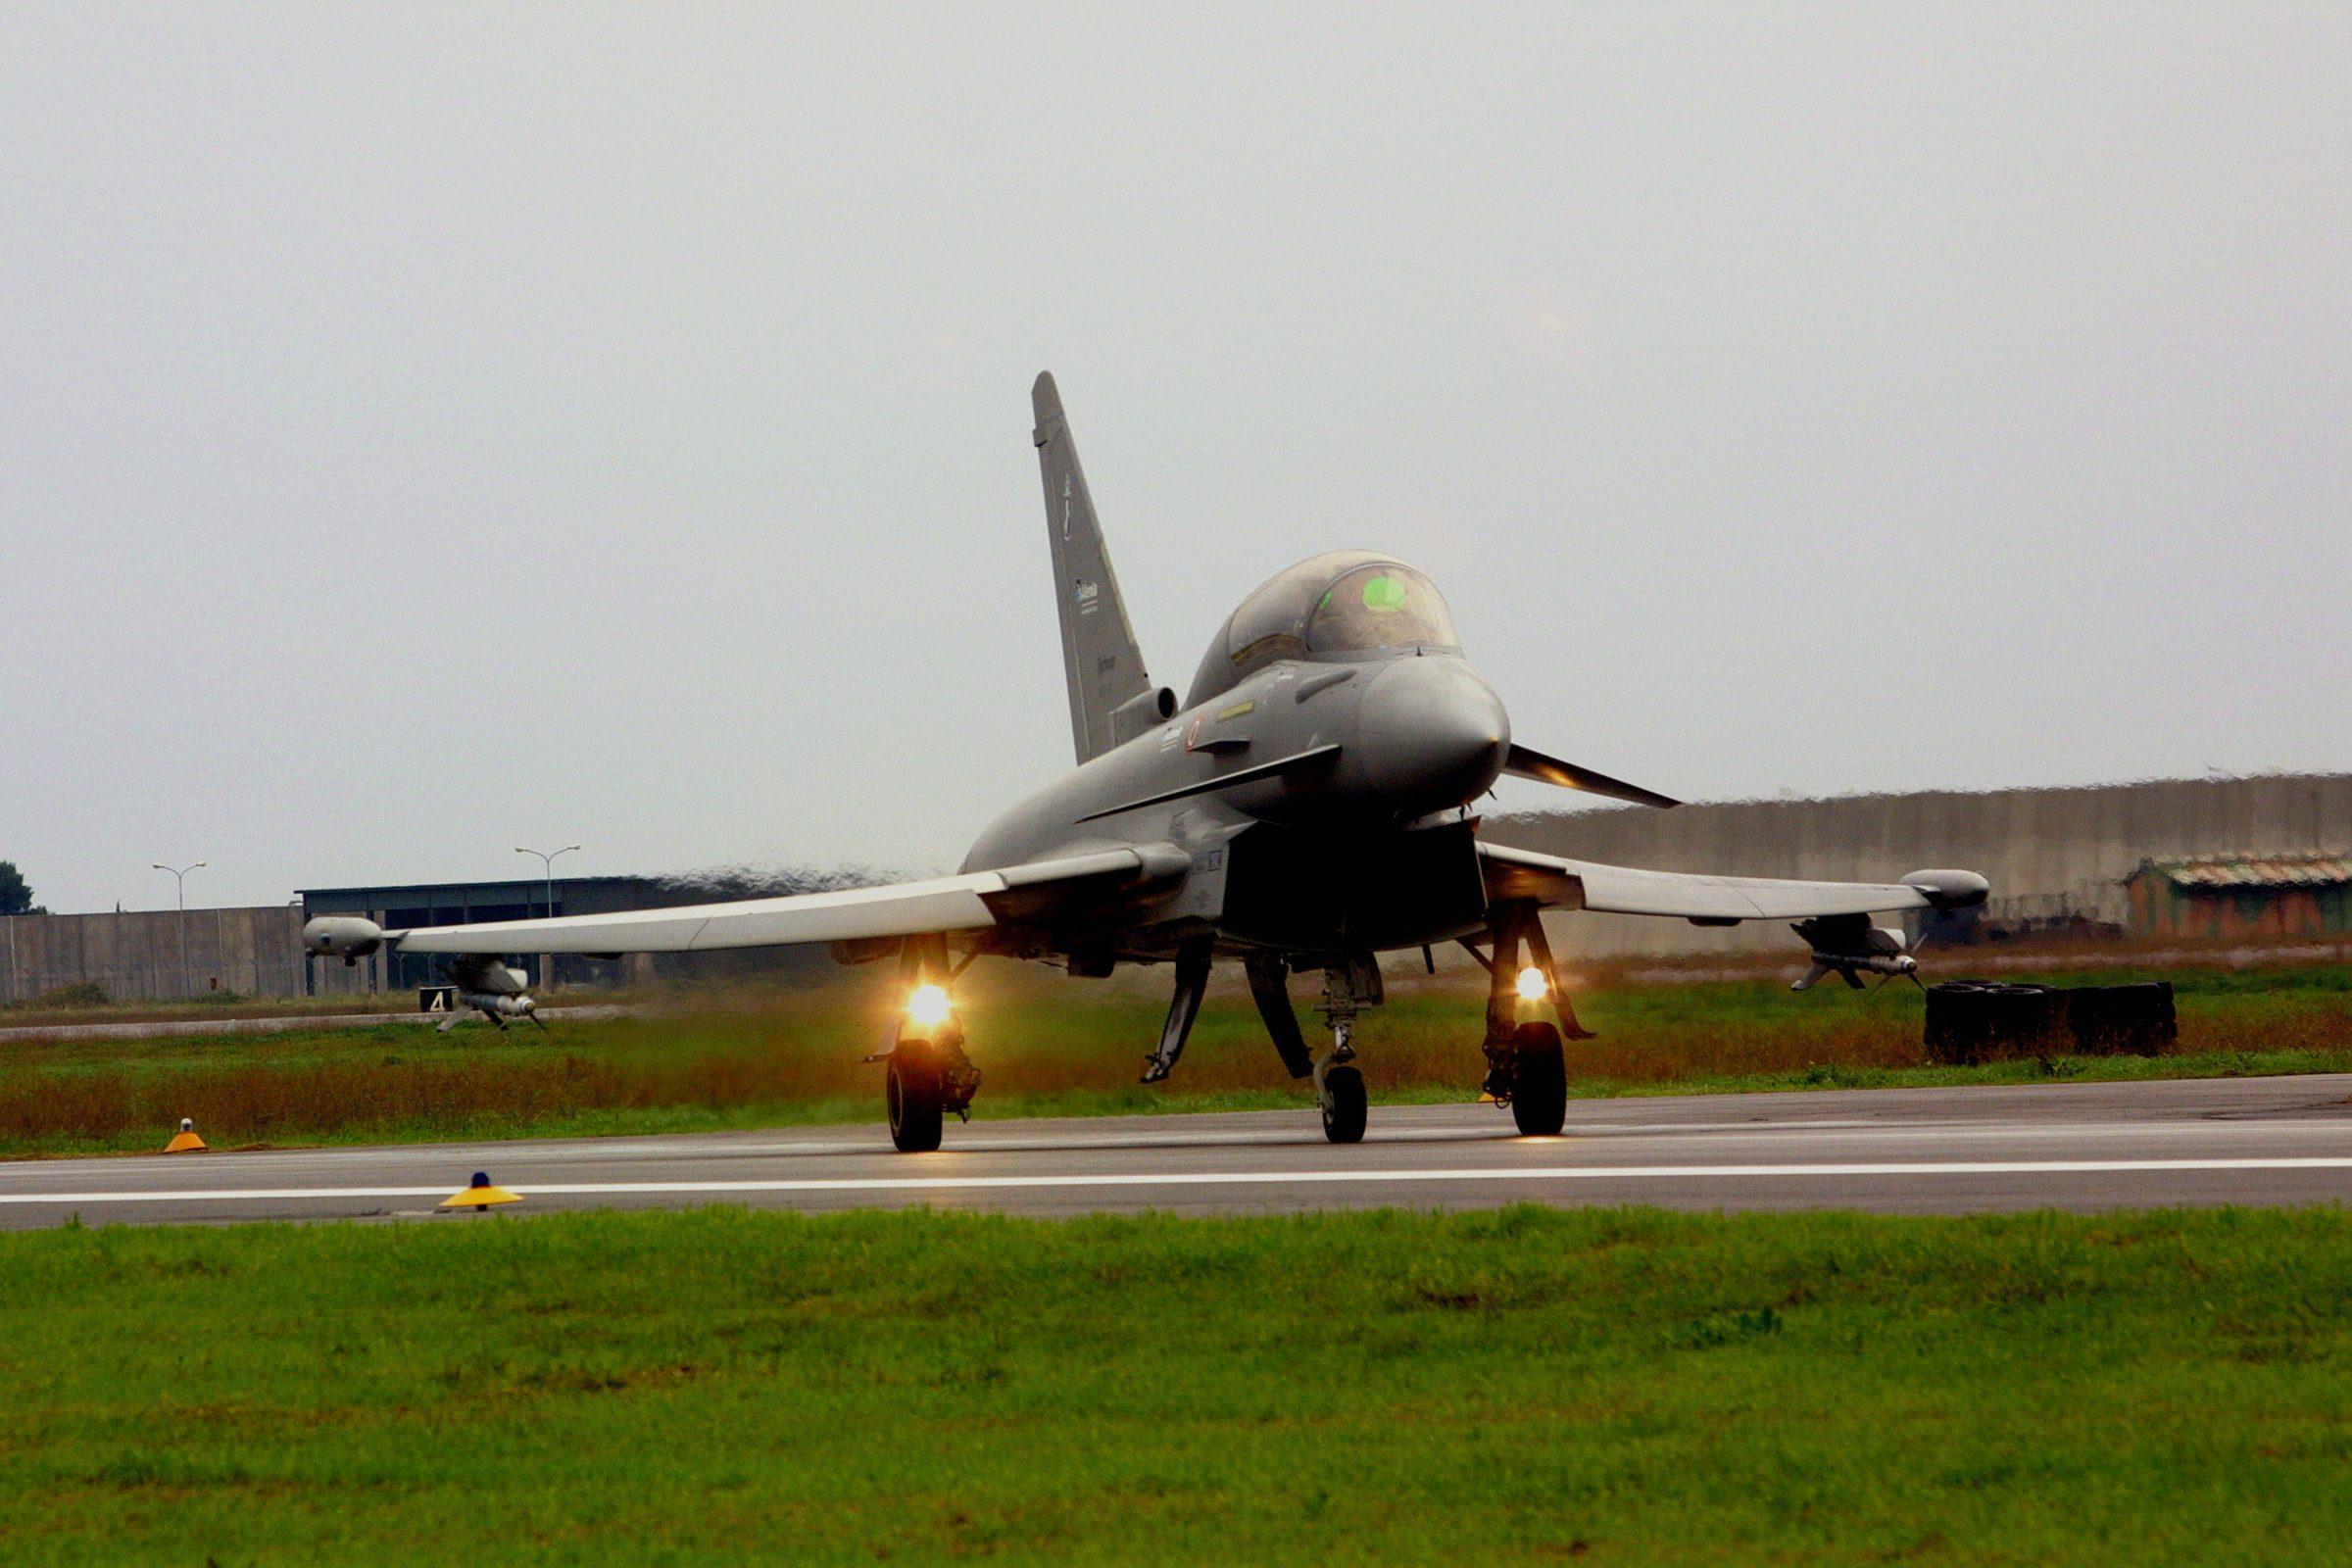 Aereo Da Caccia Oggi : Il report del rusi l eurofighter miglior caccia della sua